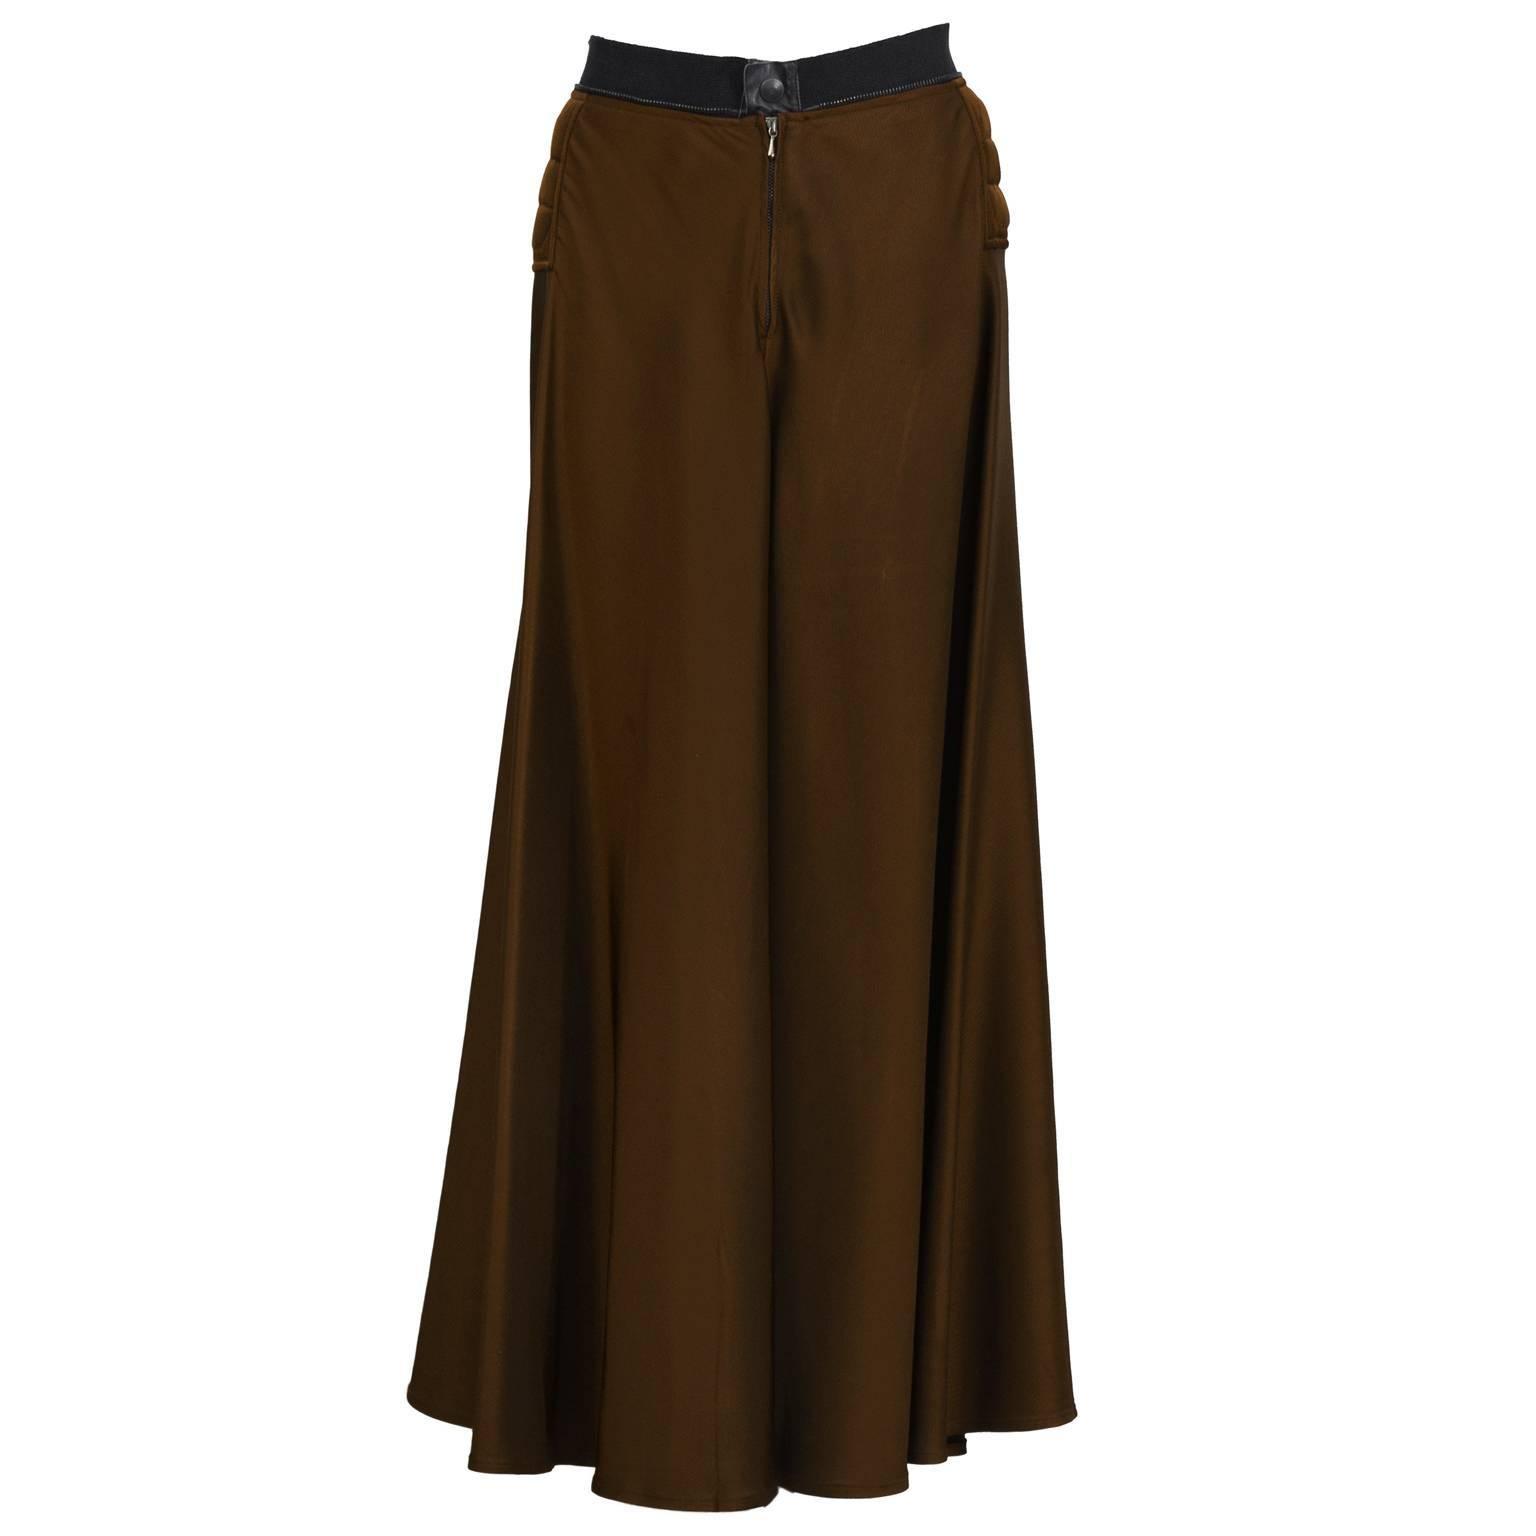 2000's Gaultier Brown Maxi Skirt